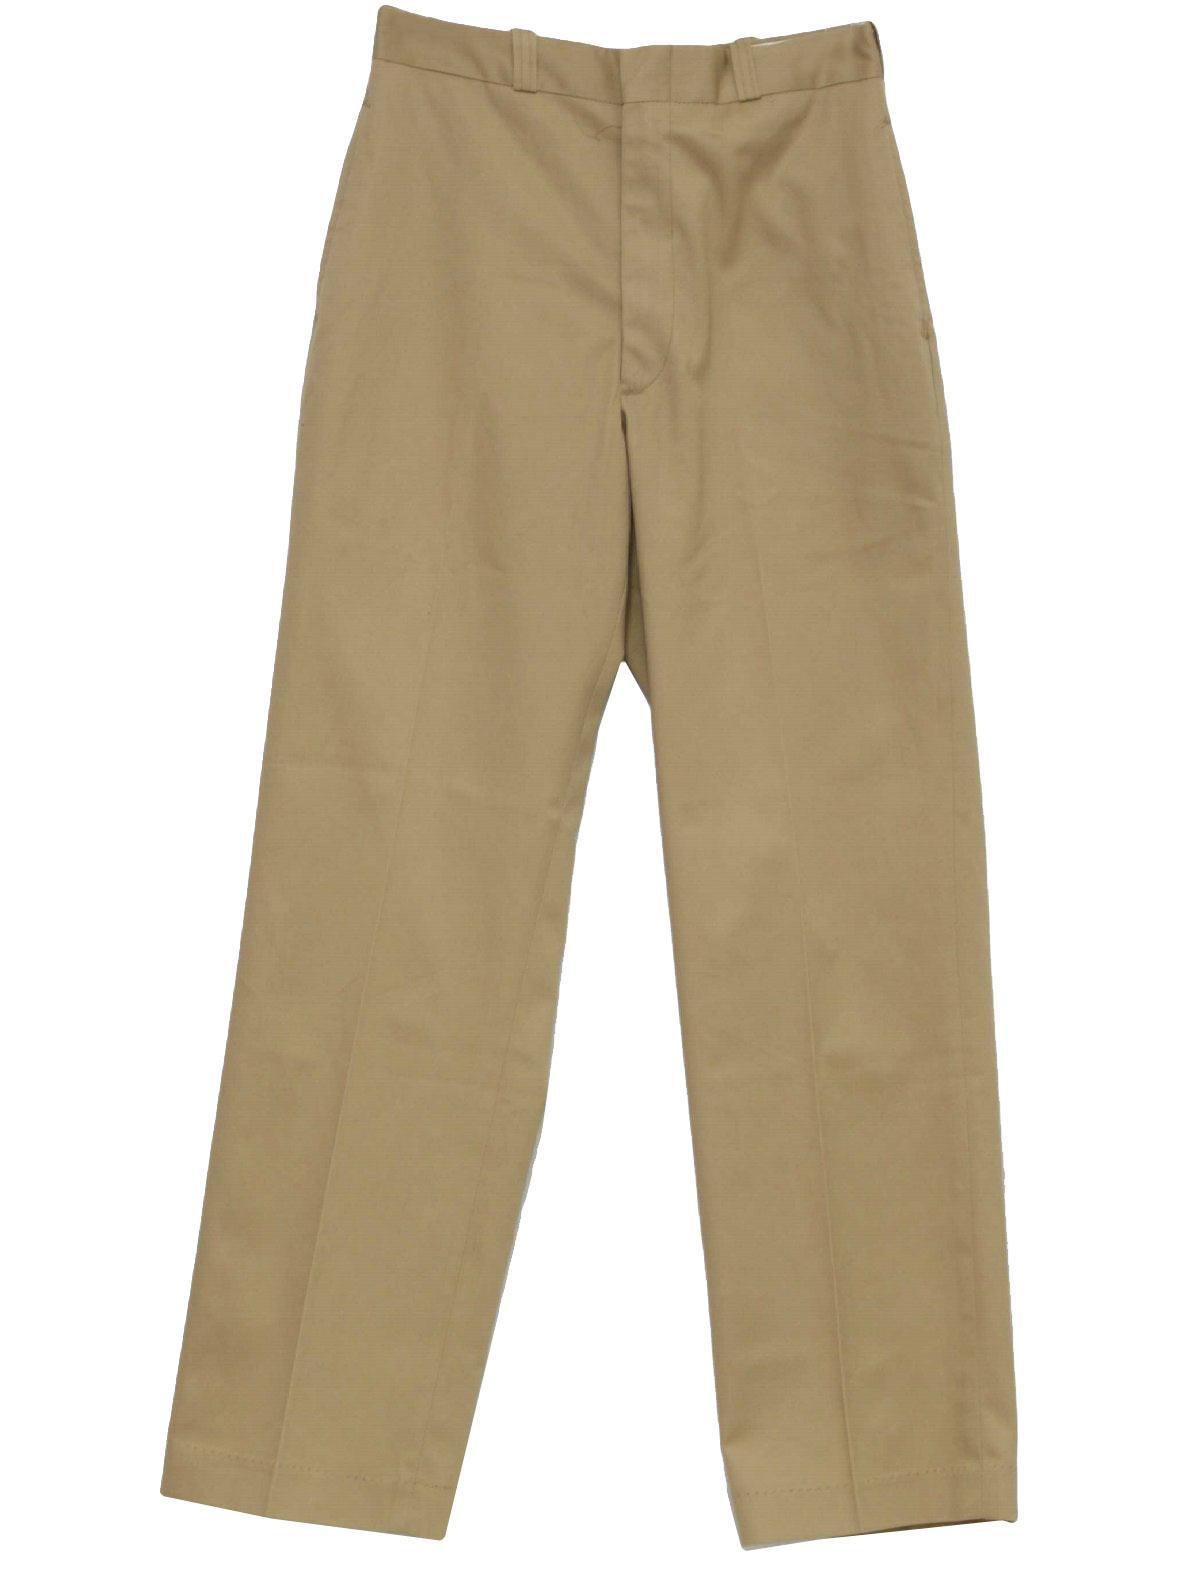 Model Uniqlo Women Corduroy Leggings Pants In Brown DARK BROWN